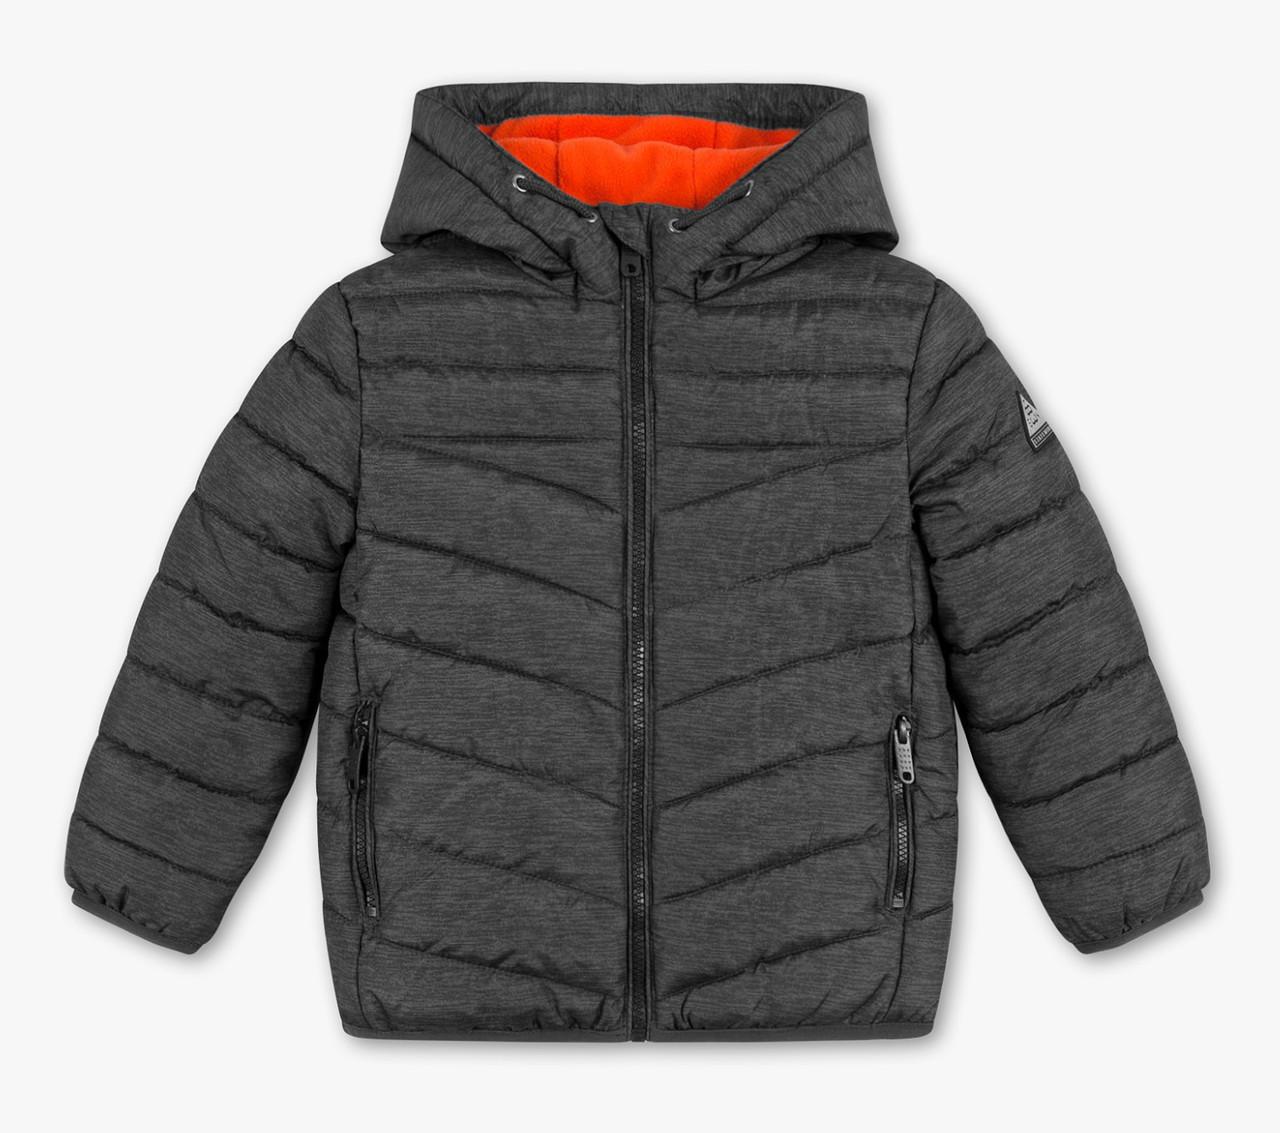 Осенняя куртка для мальчика C&A Германия Размер 122